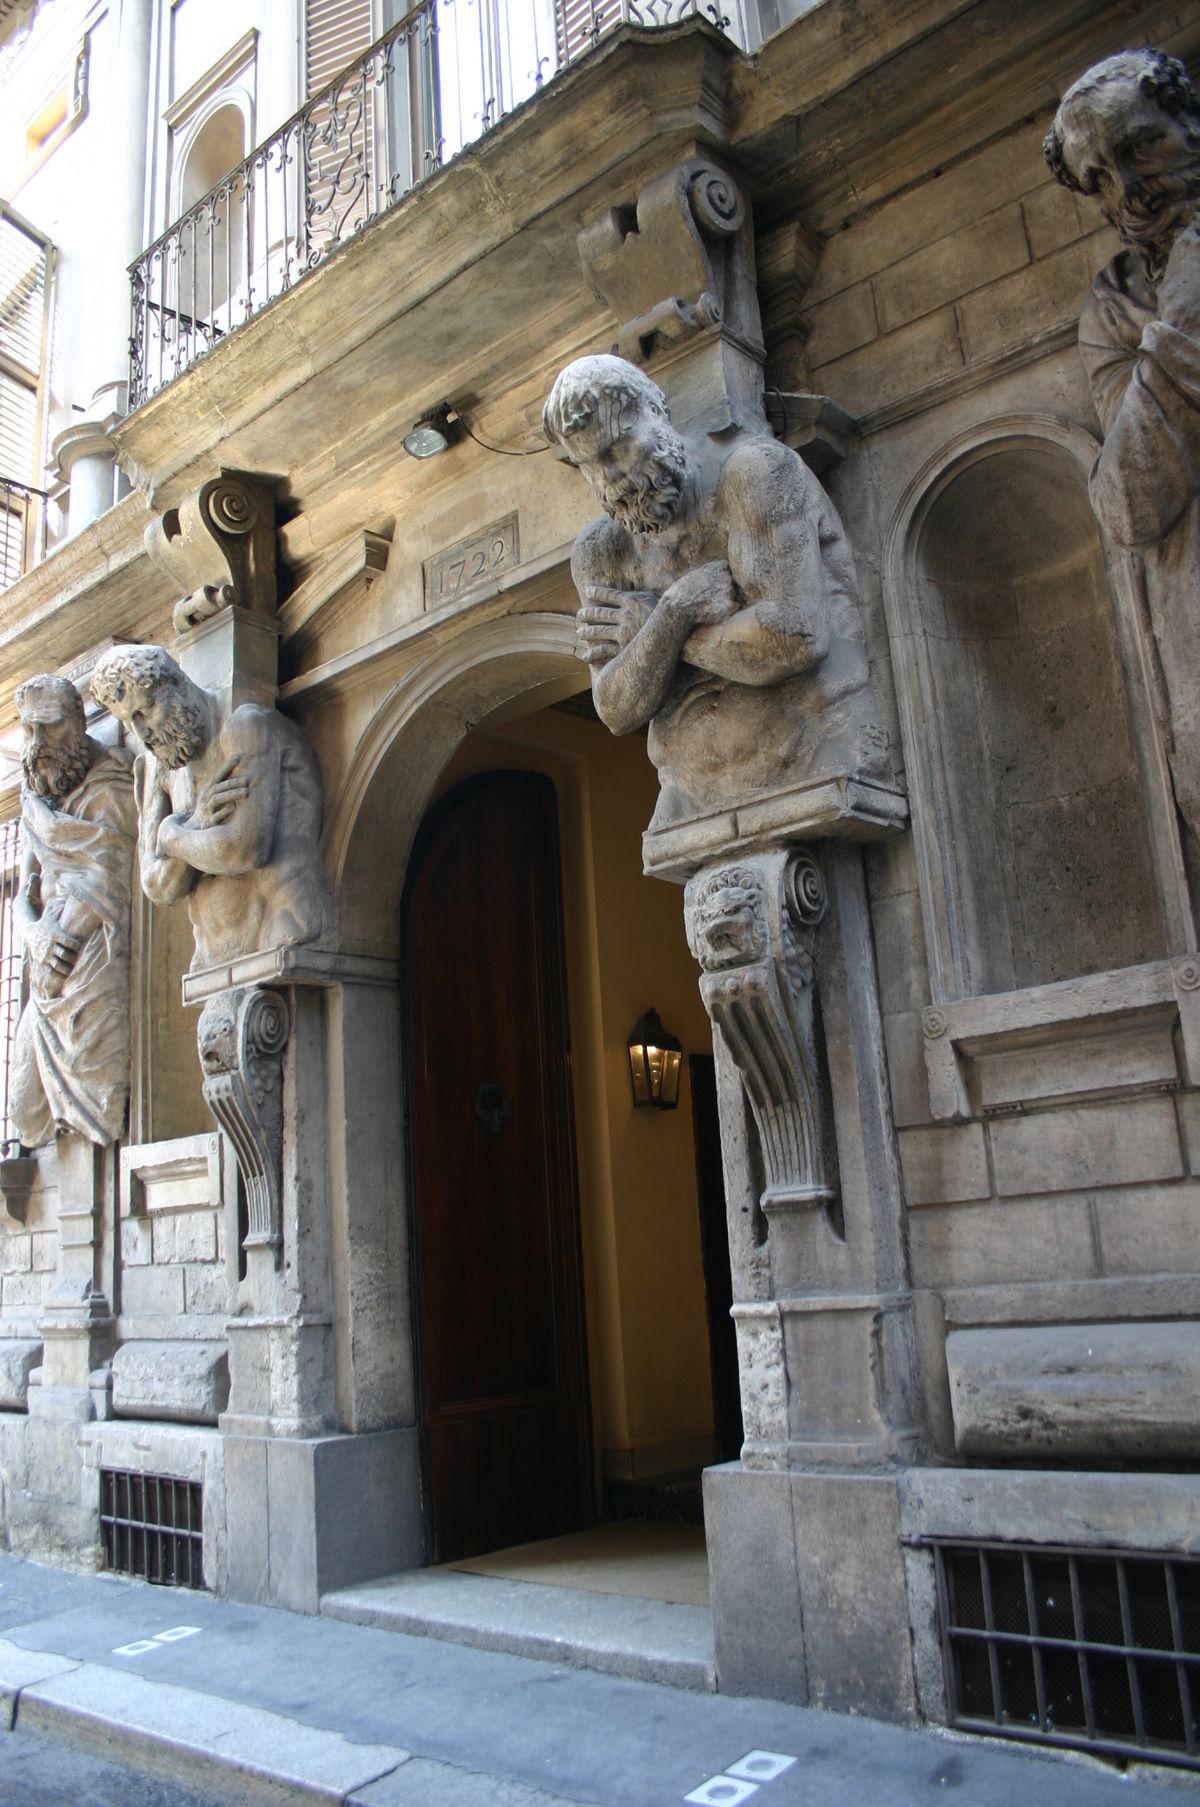 Casa degli omenoni wikipedia la enciclopedia libre for Via pietro mascagni 8 milano